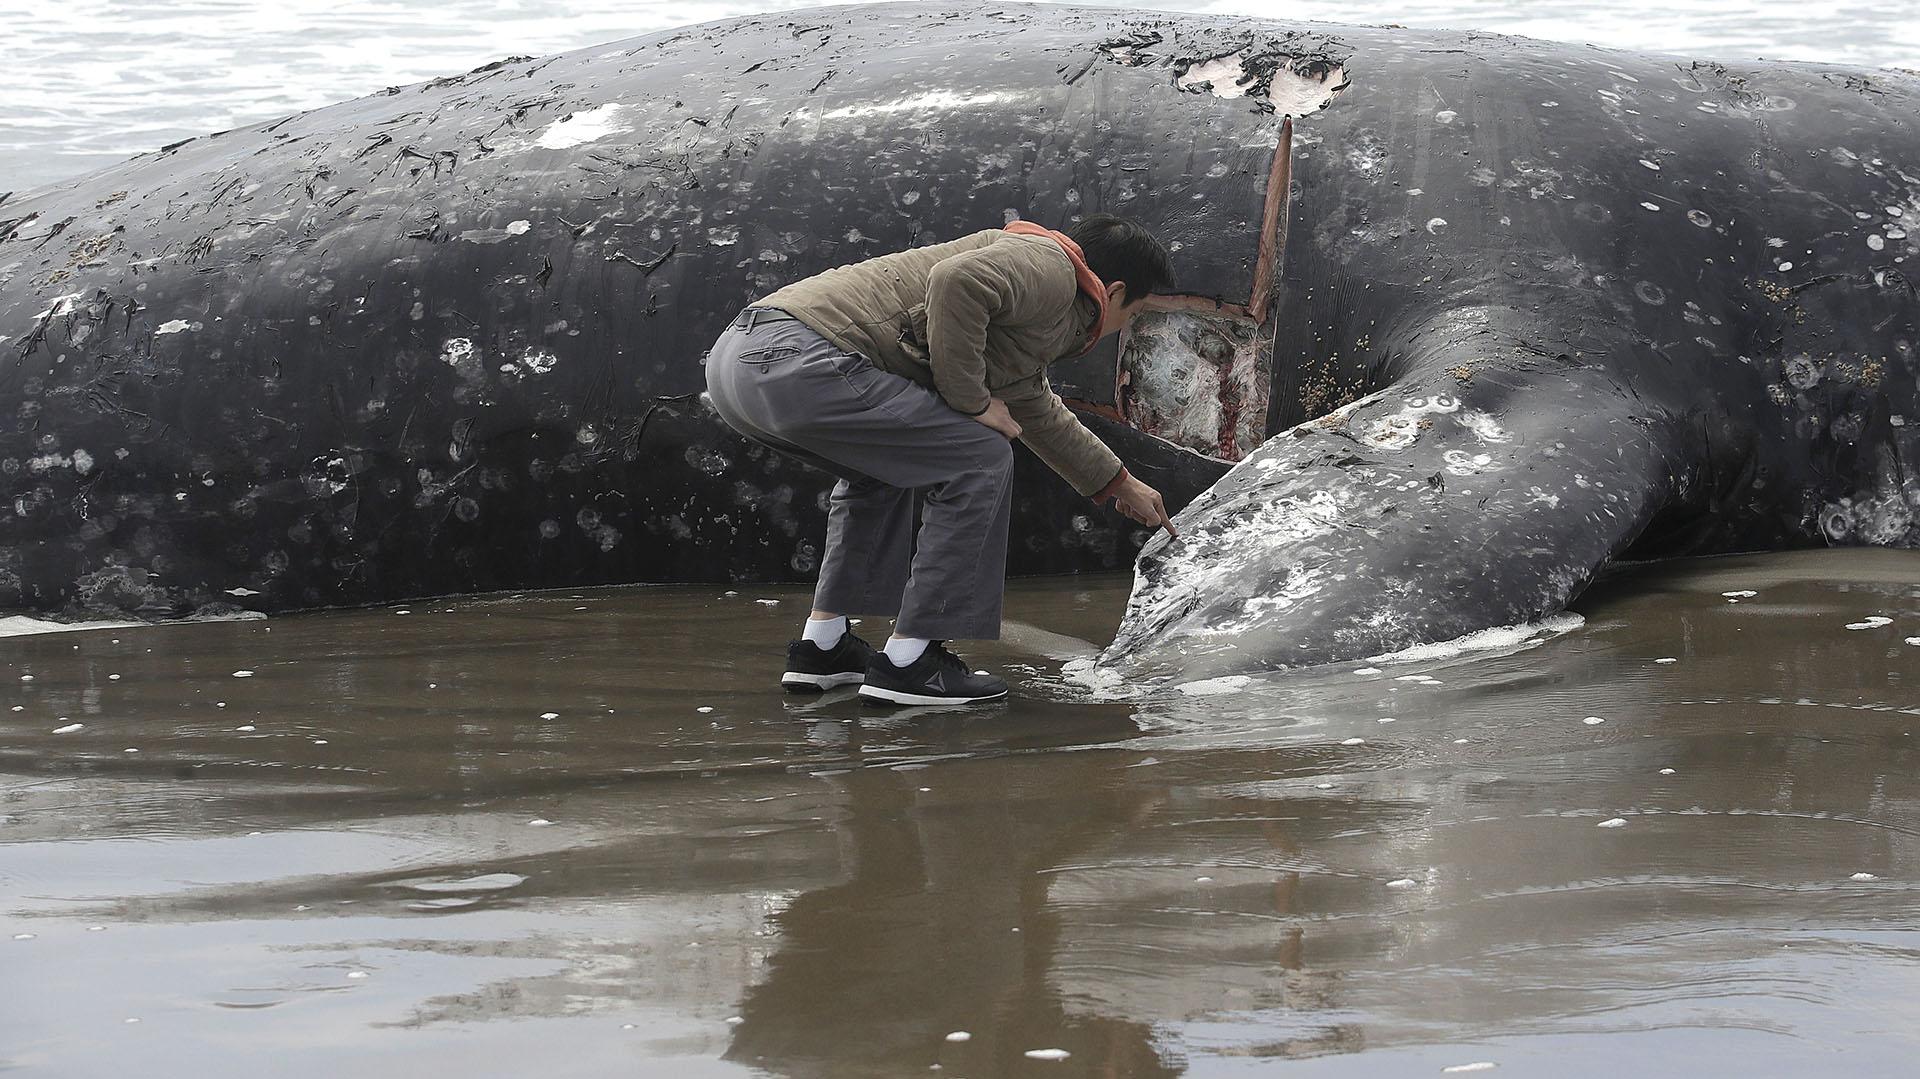 Un hombre, Duat Mai, observa la ballena muerta en Ocean Beach en San Francisco, el lunes 6 de mayo de 2019. (AP Photo/Jeff Chiu)